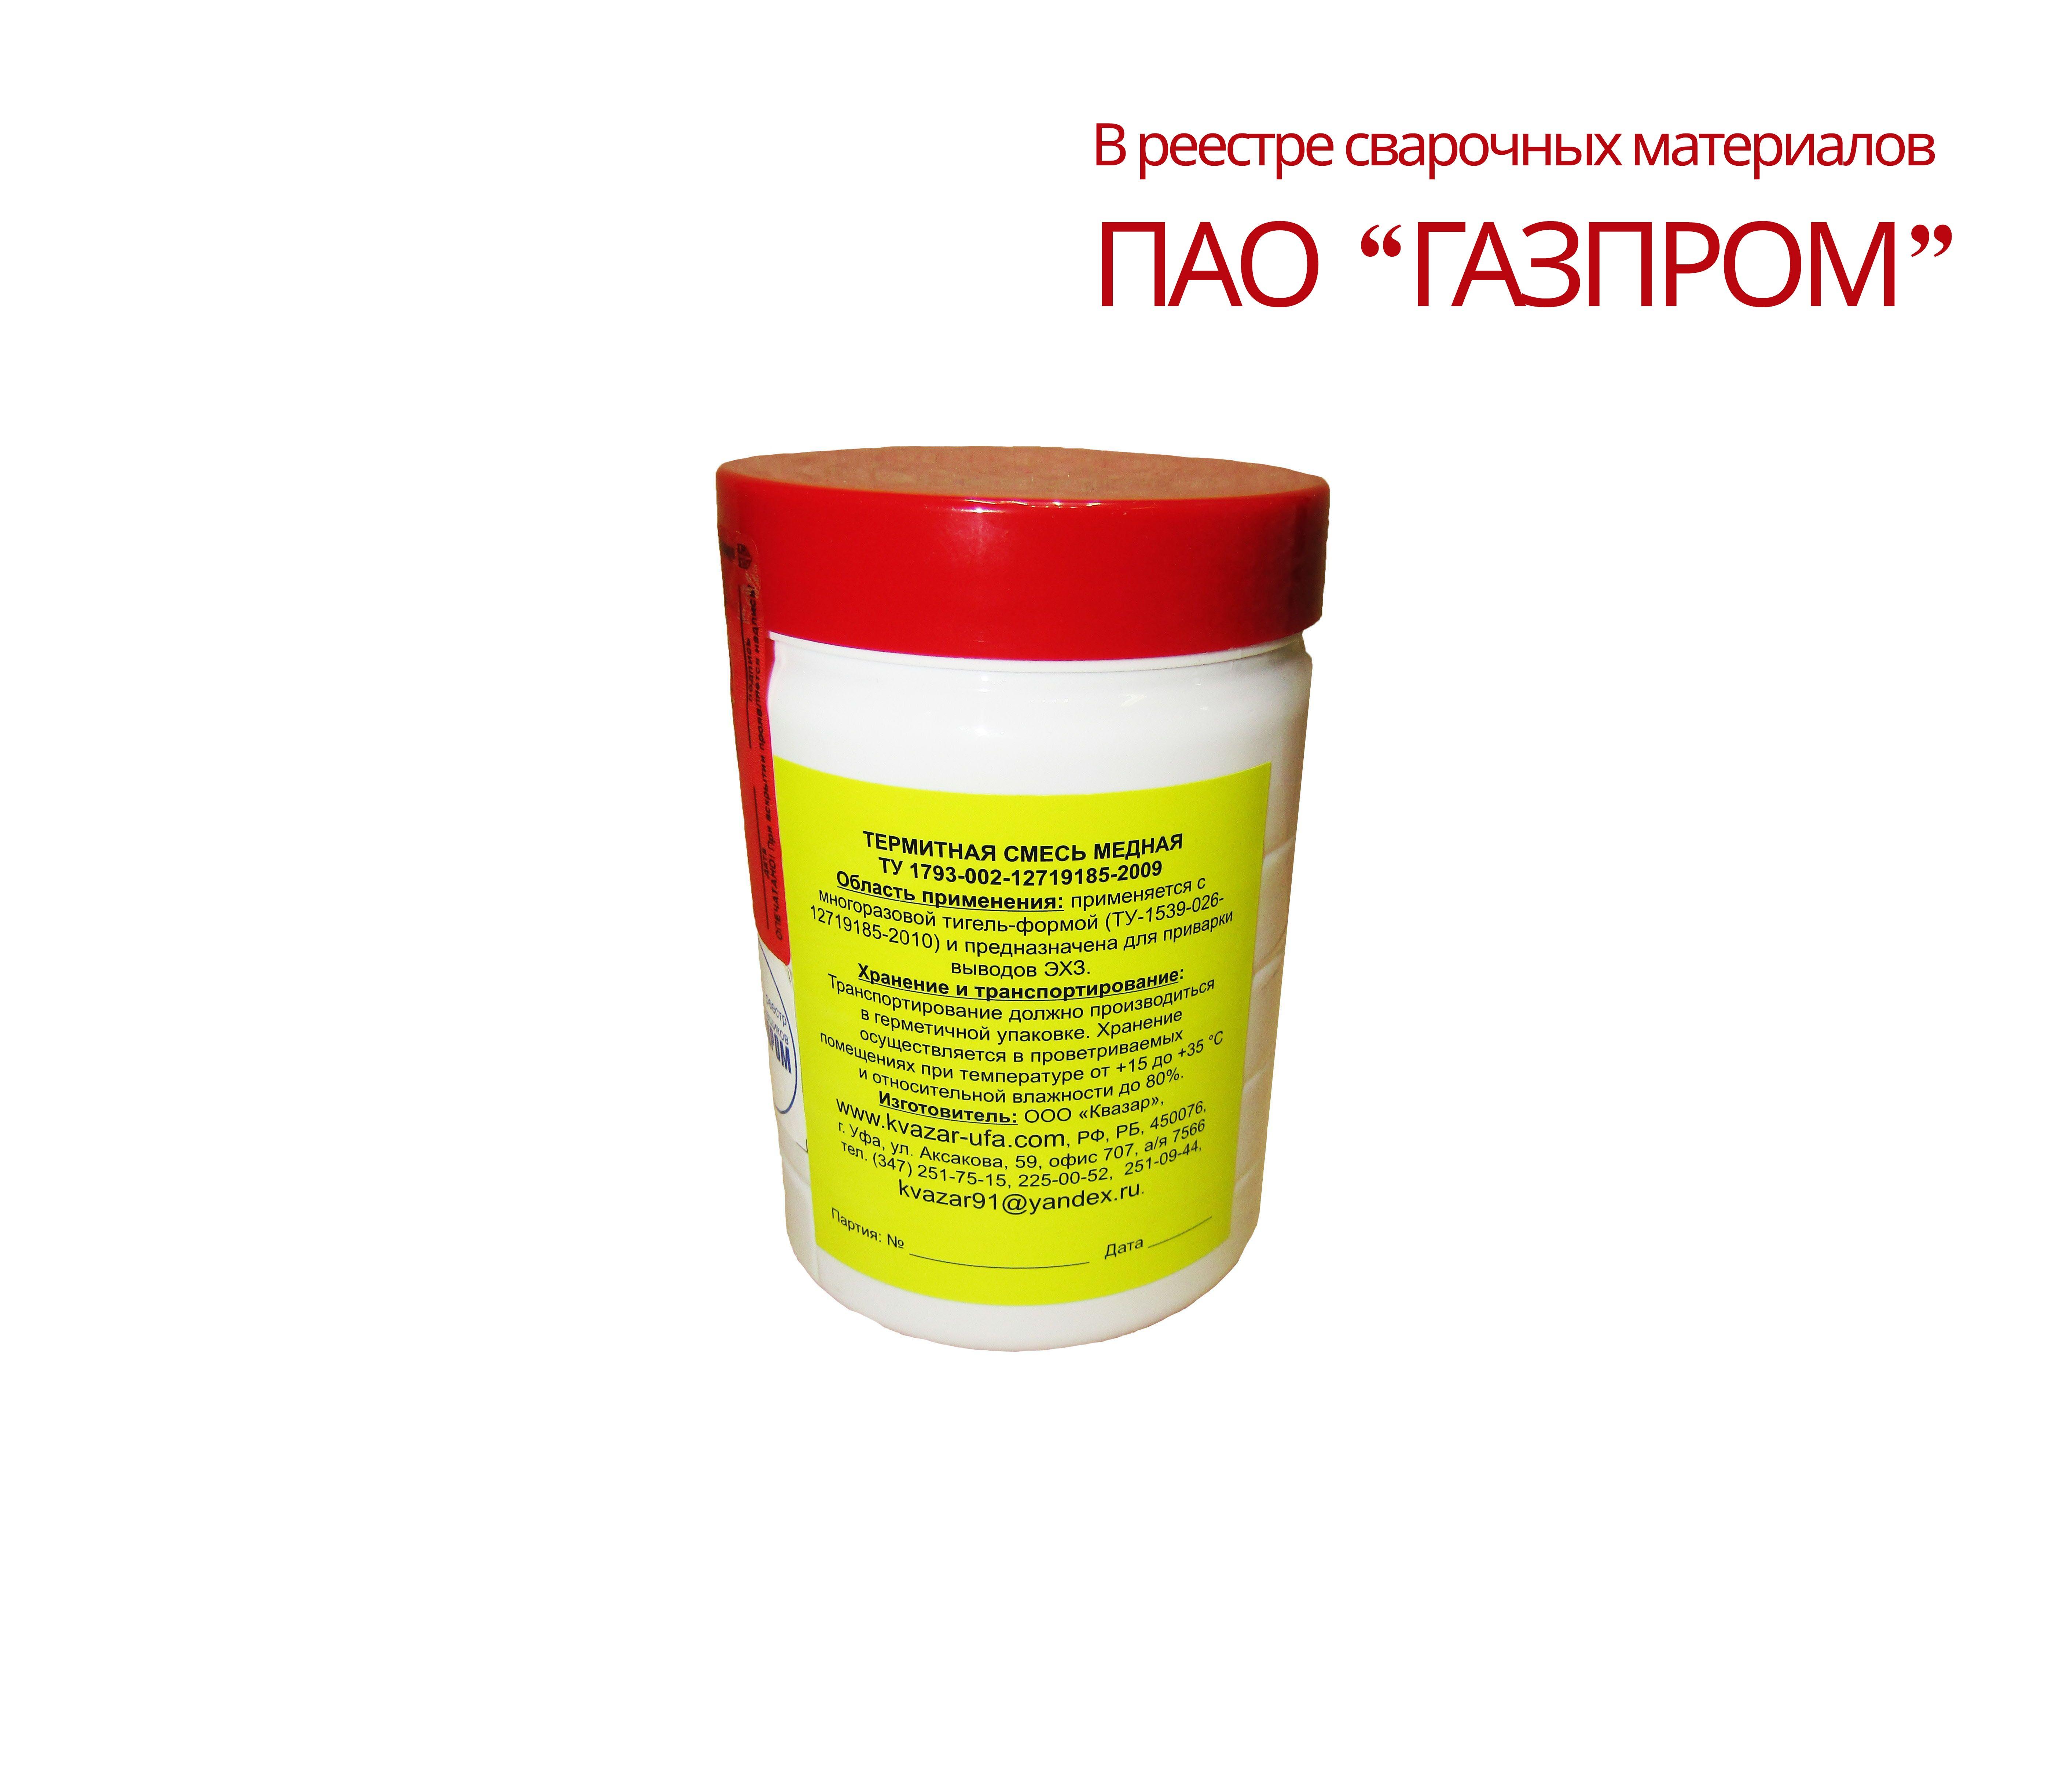 Термиты: как выглядят, образ жизни, питание, размножение, защита колонии